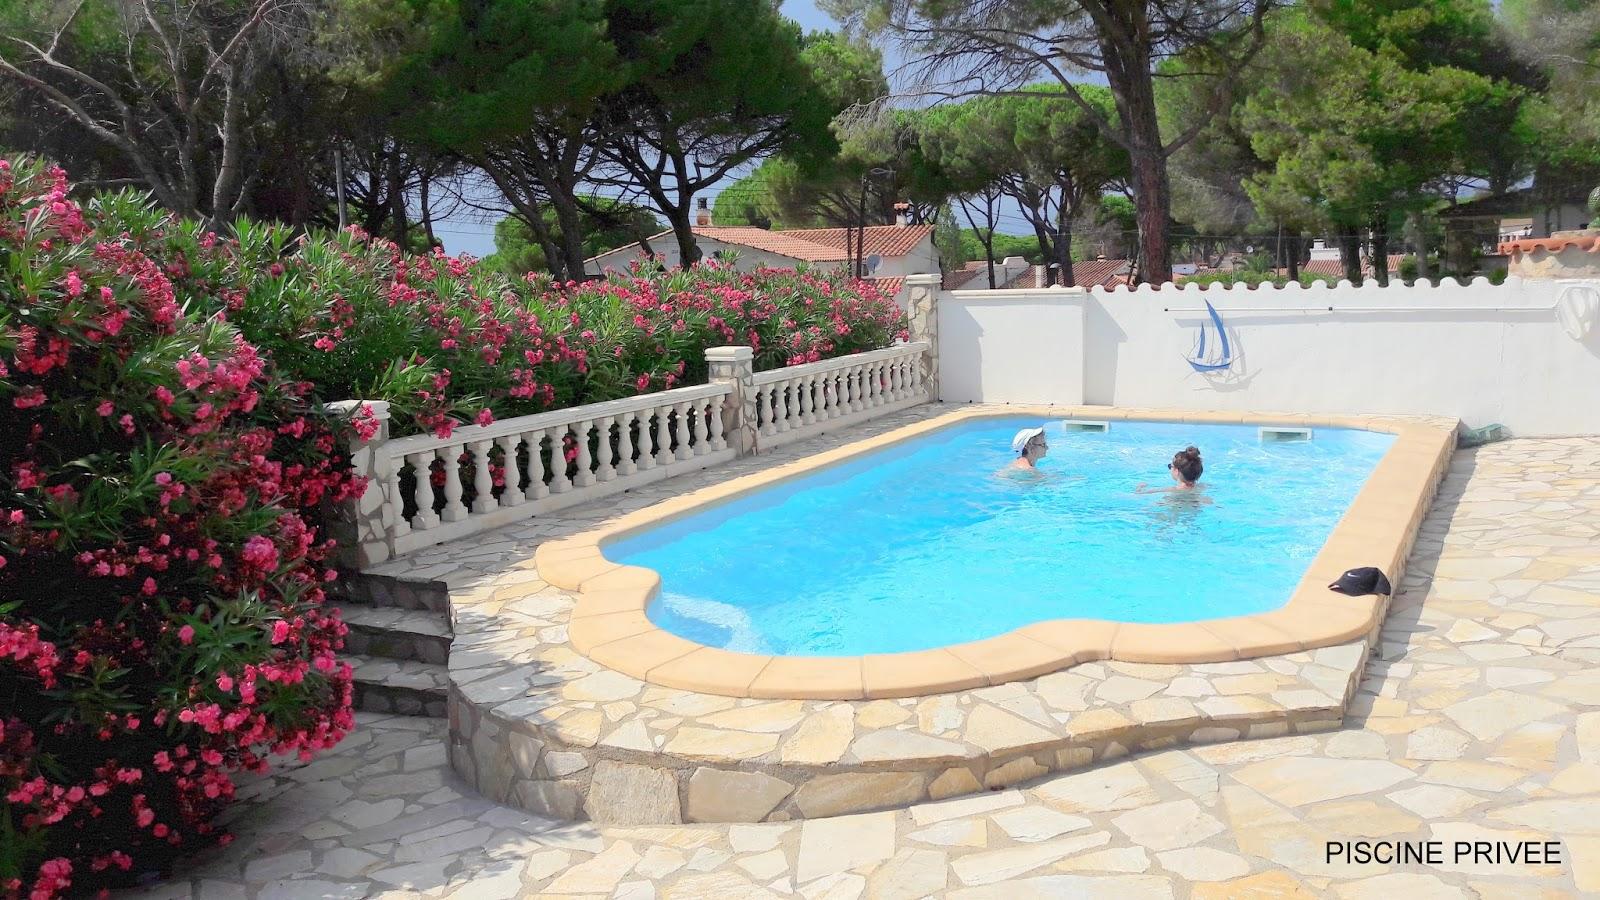 Villa avec piscine privee sur la costa brava description - Location villa costa brava avec piscine privee ...